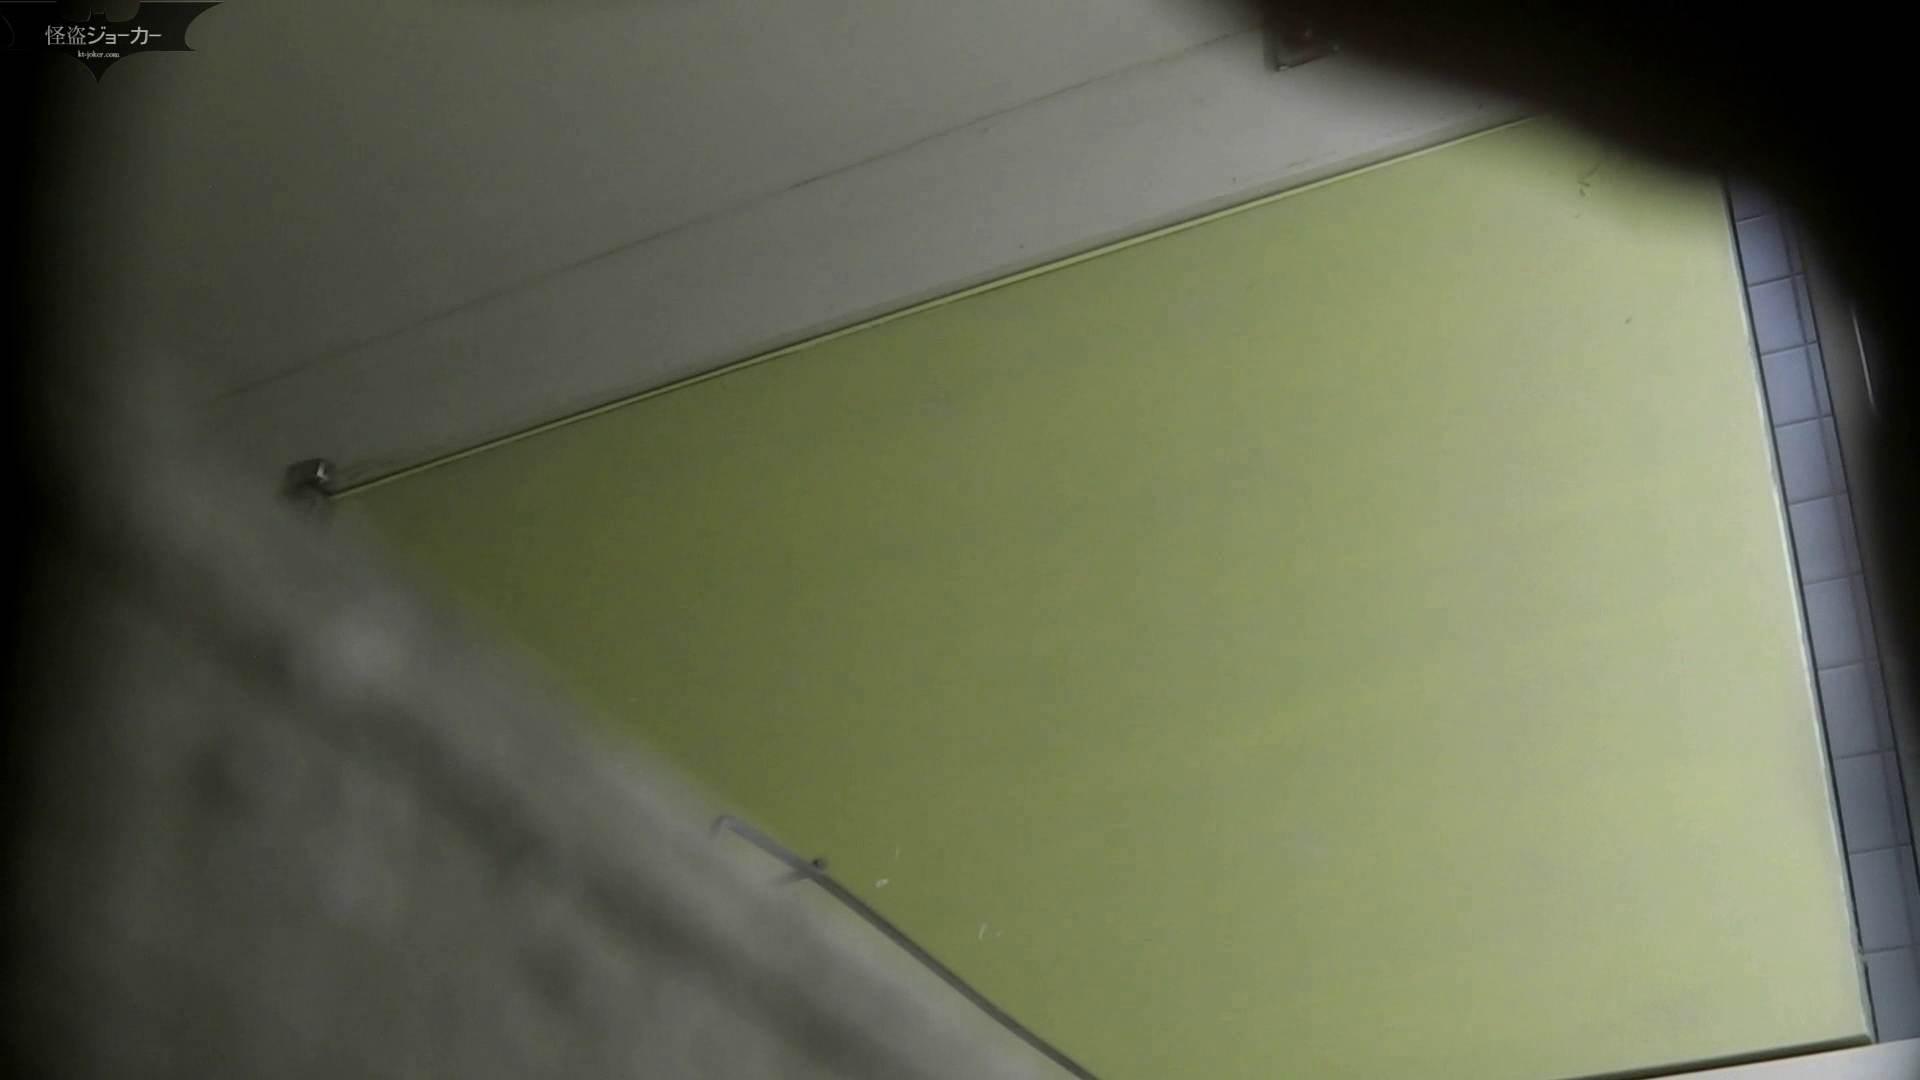 【美しき個室な世界】洗面所特攻隊 vol.051 お姉さんのSEX ぱこり動画紹介 100枚 46